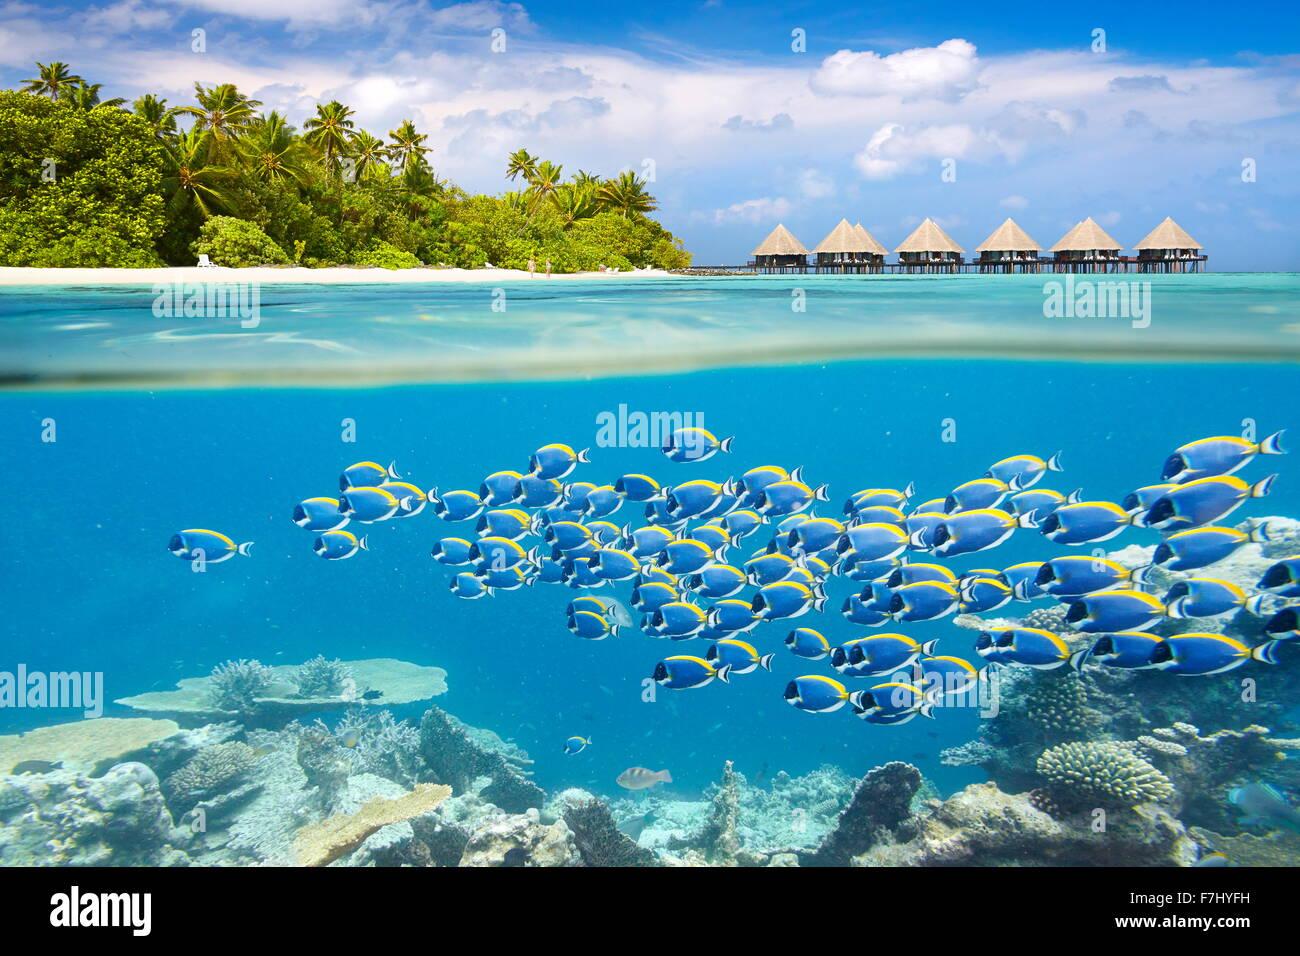 Malediven Insel - Unterwasser-Blick mit Fischschwarm Stockbild